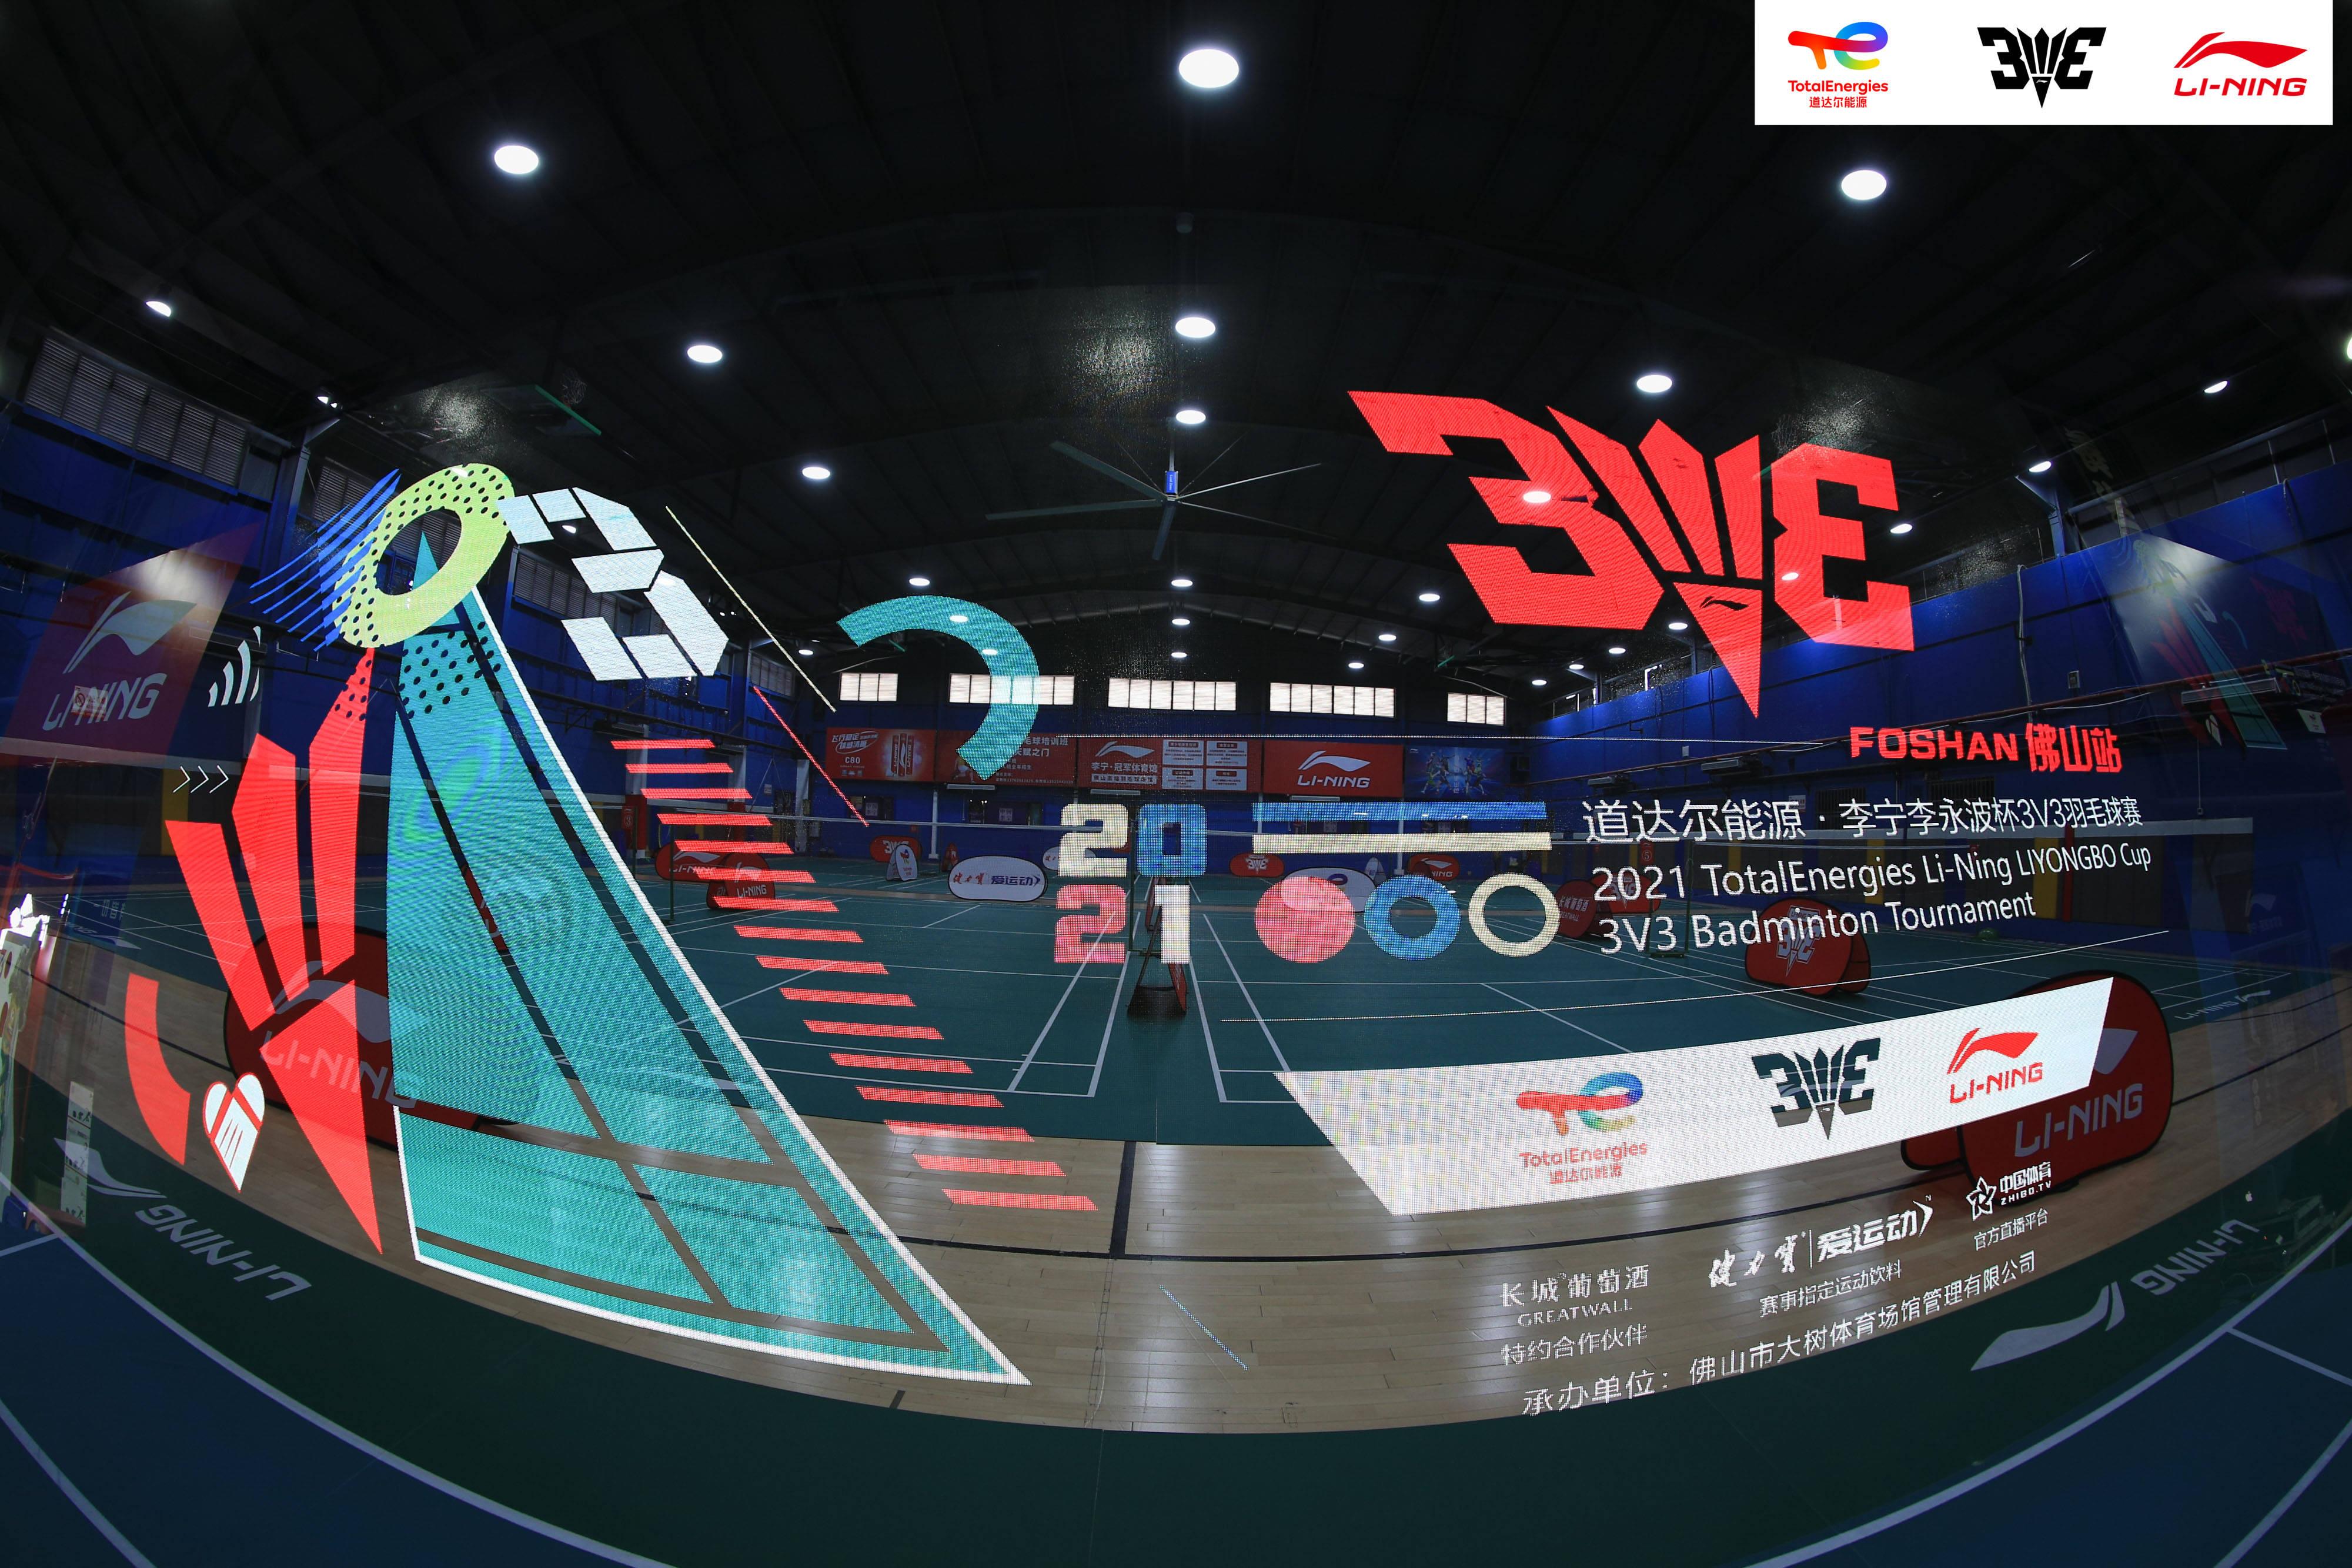 奥运冠军傅海峰前来助阵,道达尔能源・李宁李永波杯3V3羽毛球赛佛山站火热开打